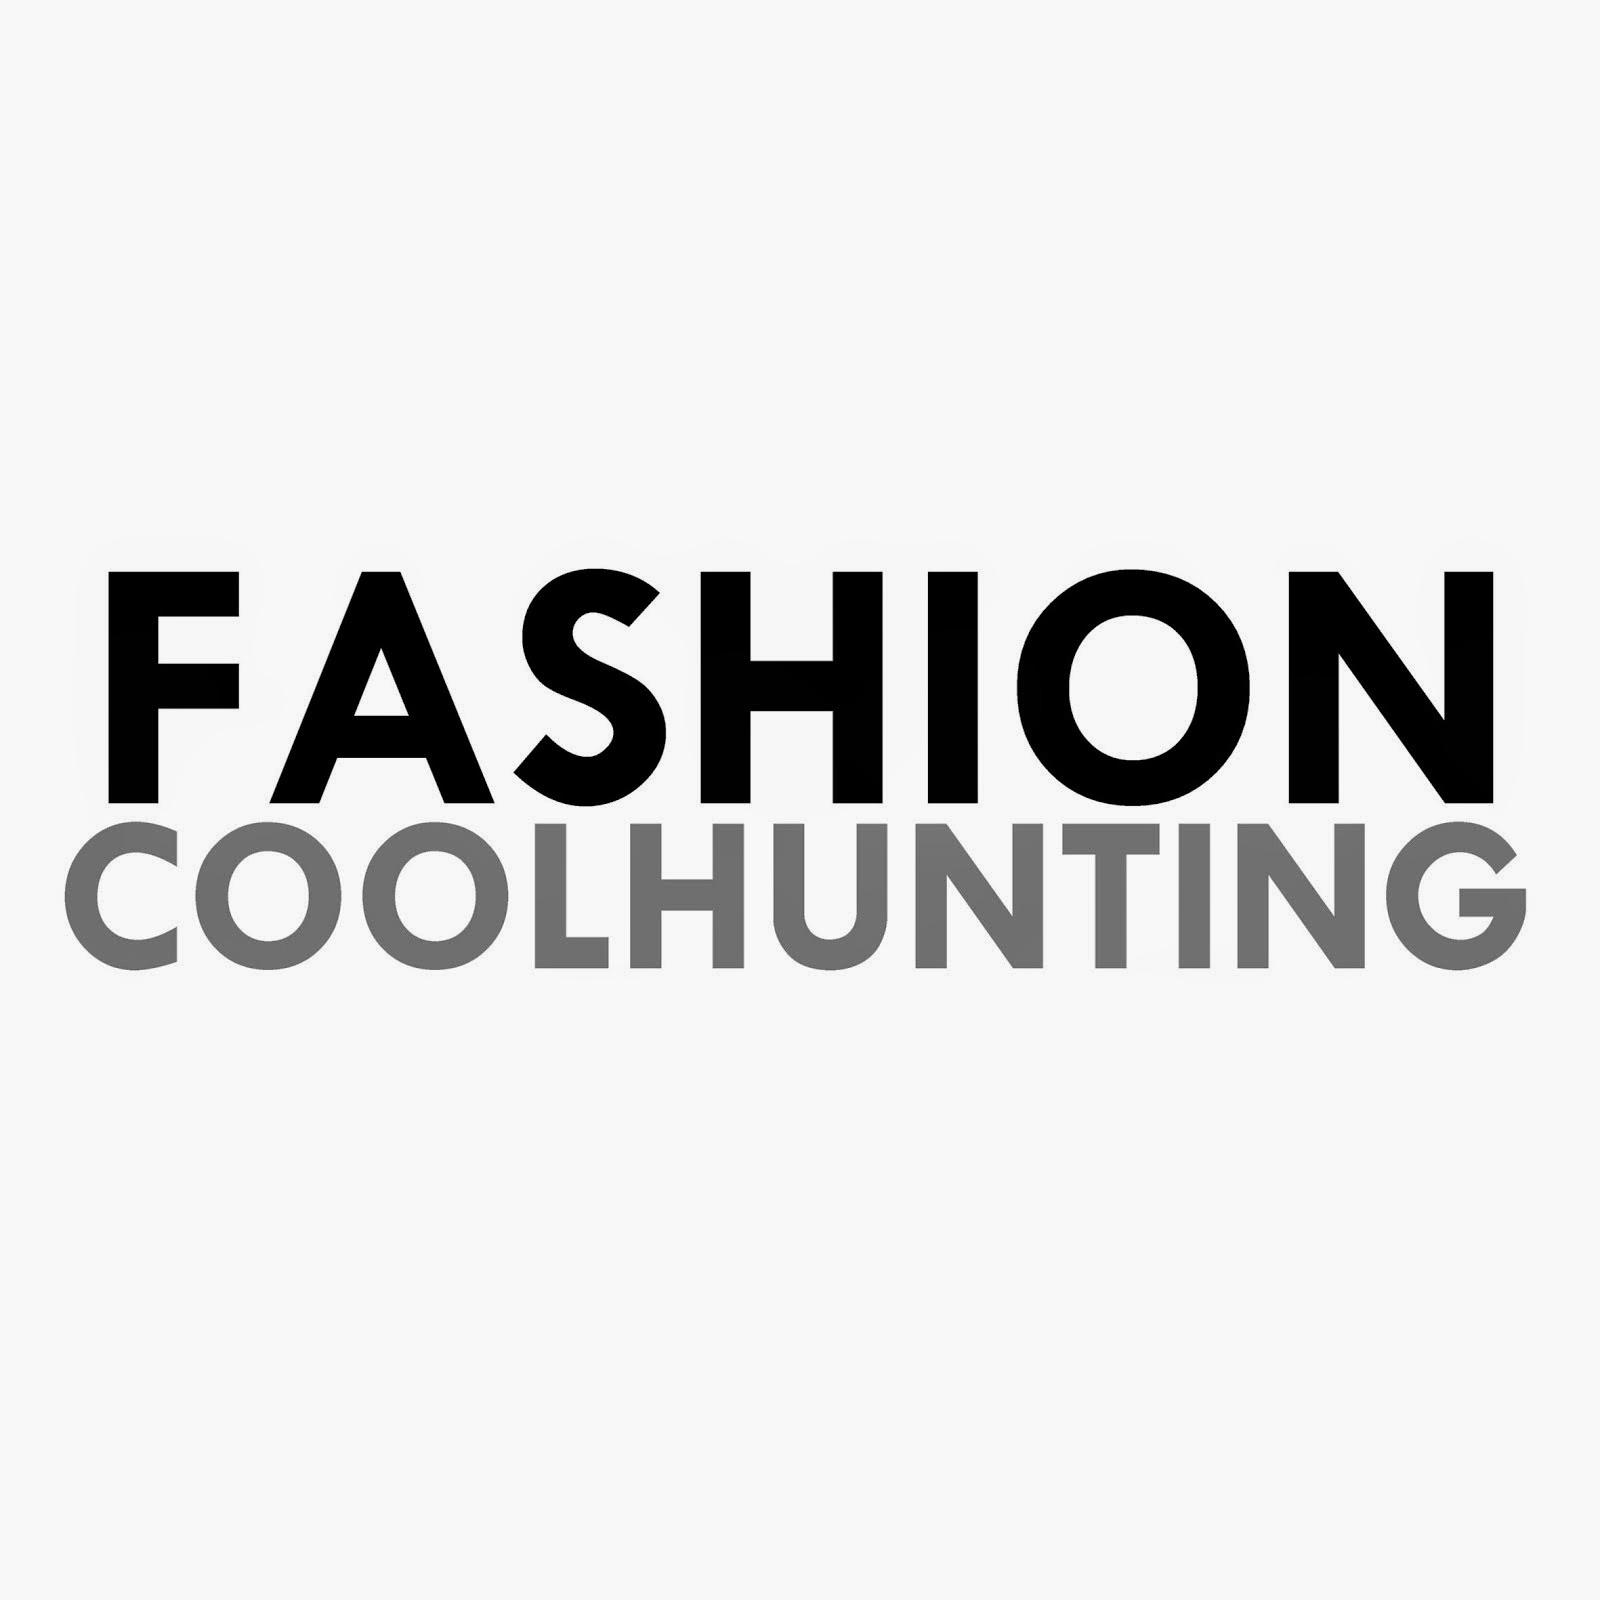 FASHION COOLHUNTING_